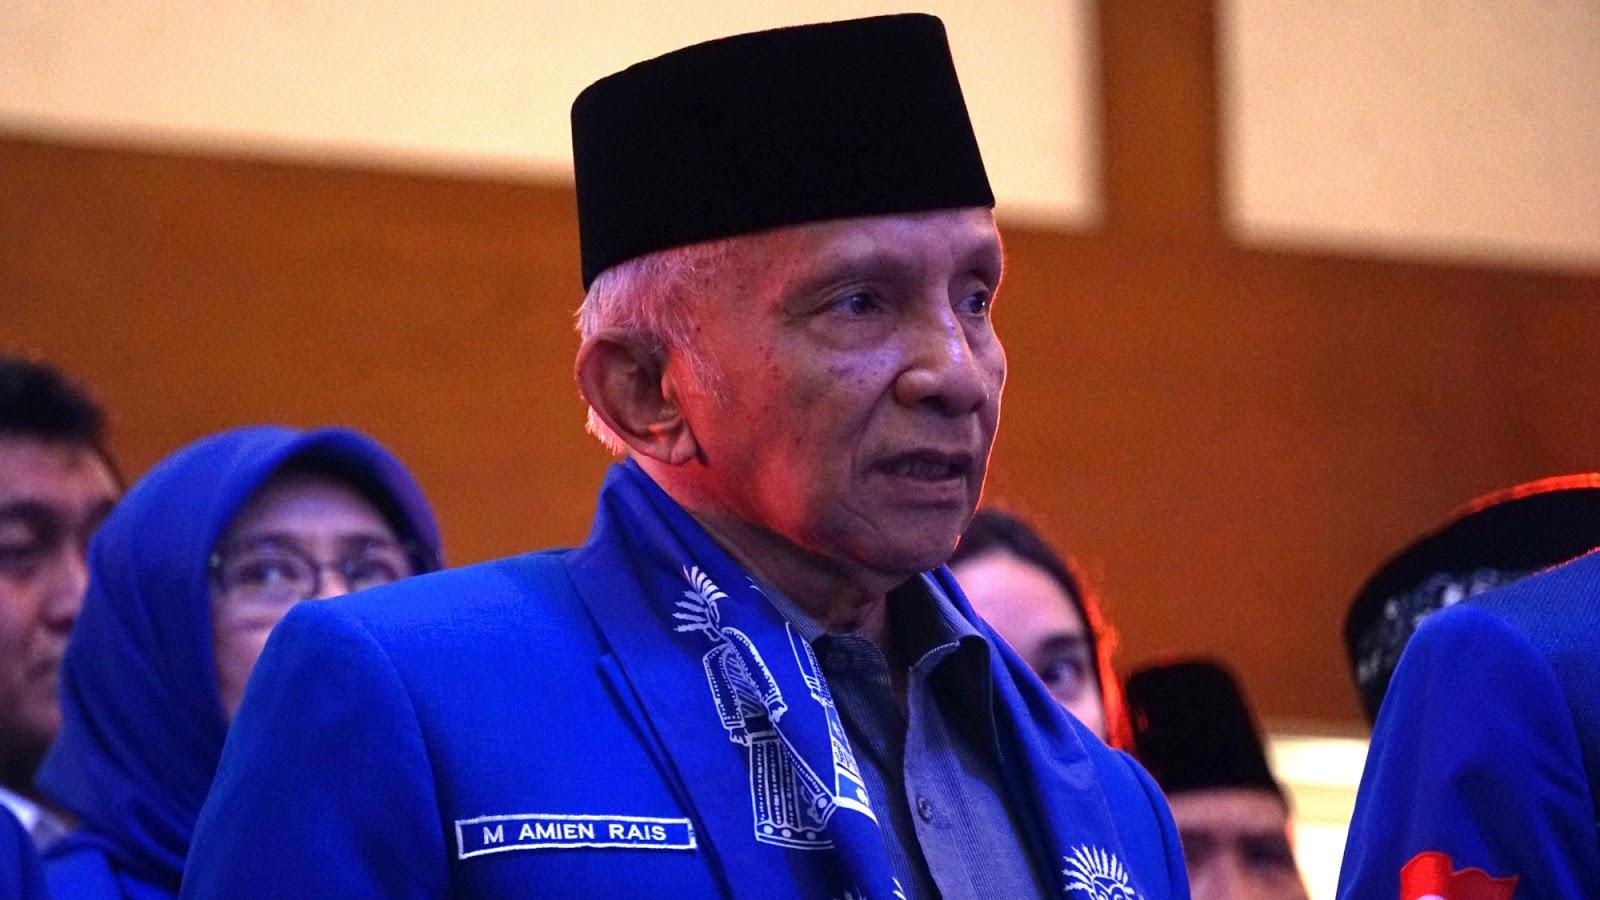 PAN Kunjungi Jokowi, Ini Tanggapan Amien Rais